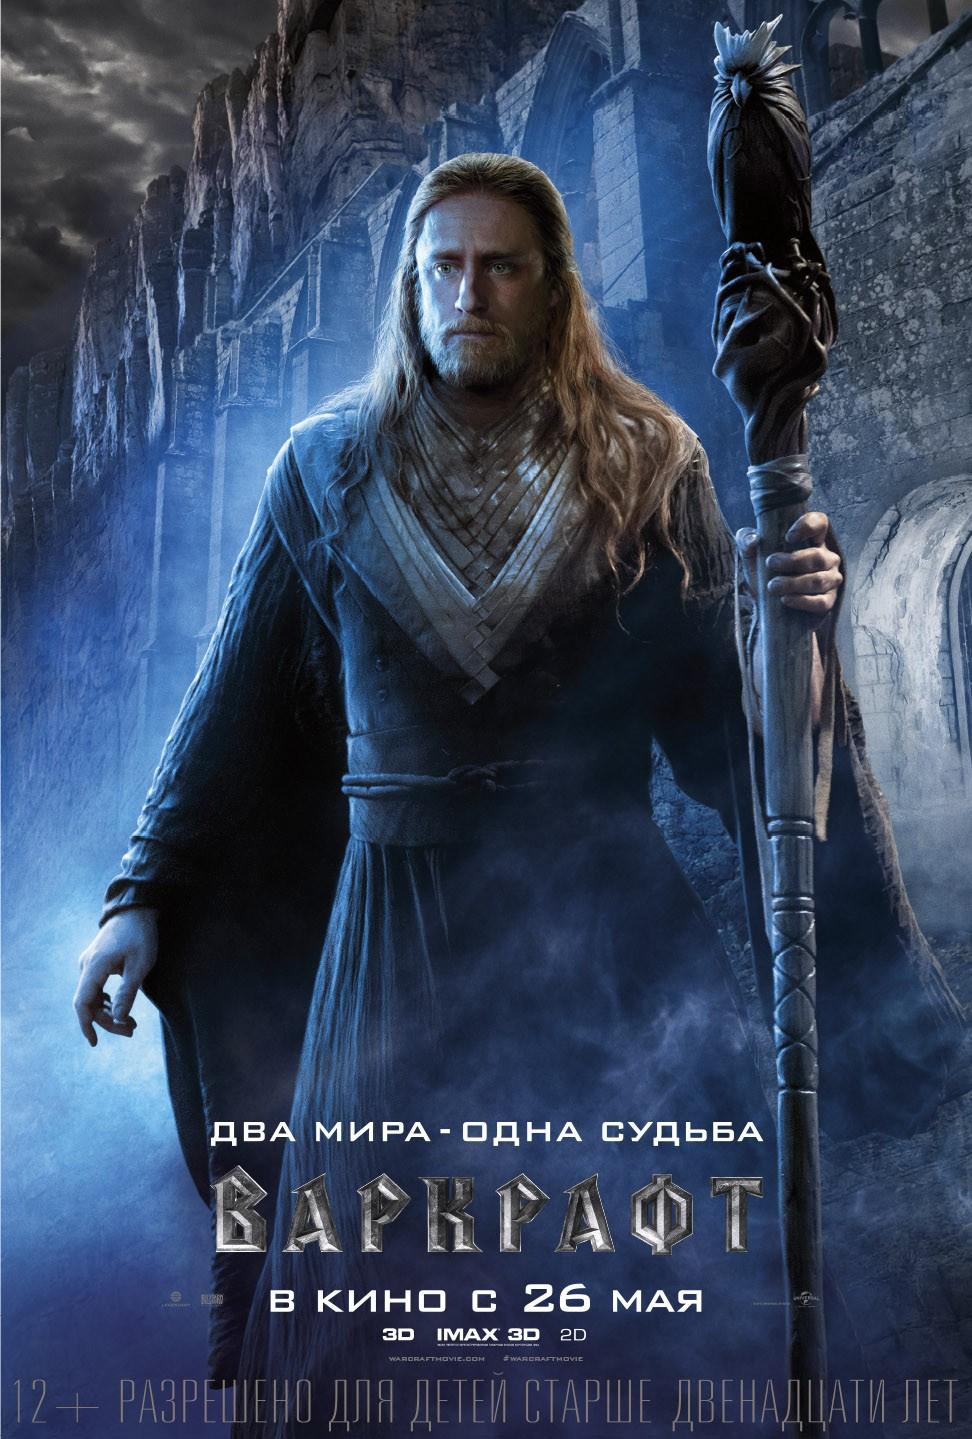 «Смотреть Фильмы 2016 Высшая Мера» / 2006